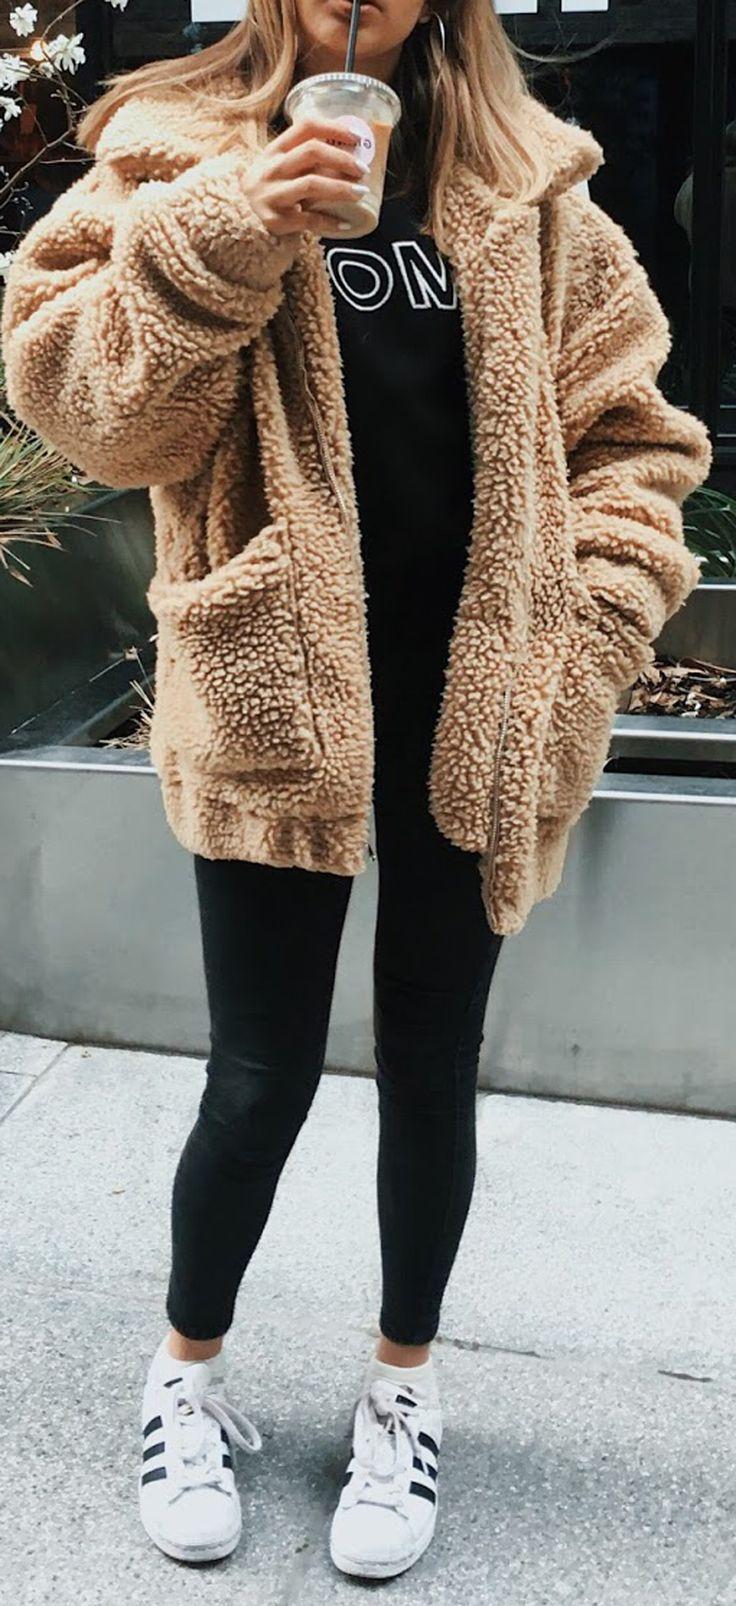 Süße gemütliche warme Herbst zurück zu Schule Outfit Ideen für Jugendliche für College Aurora Po